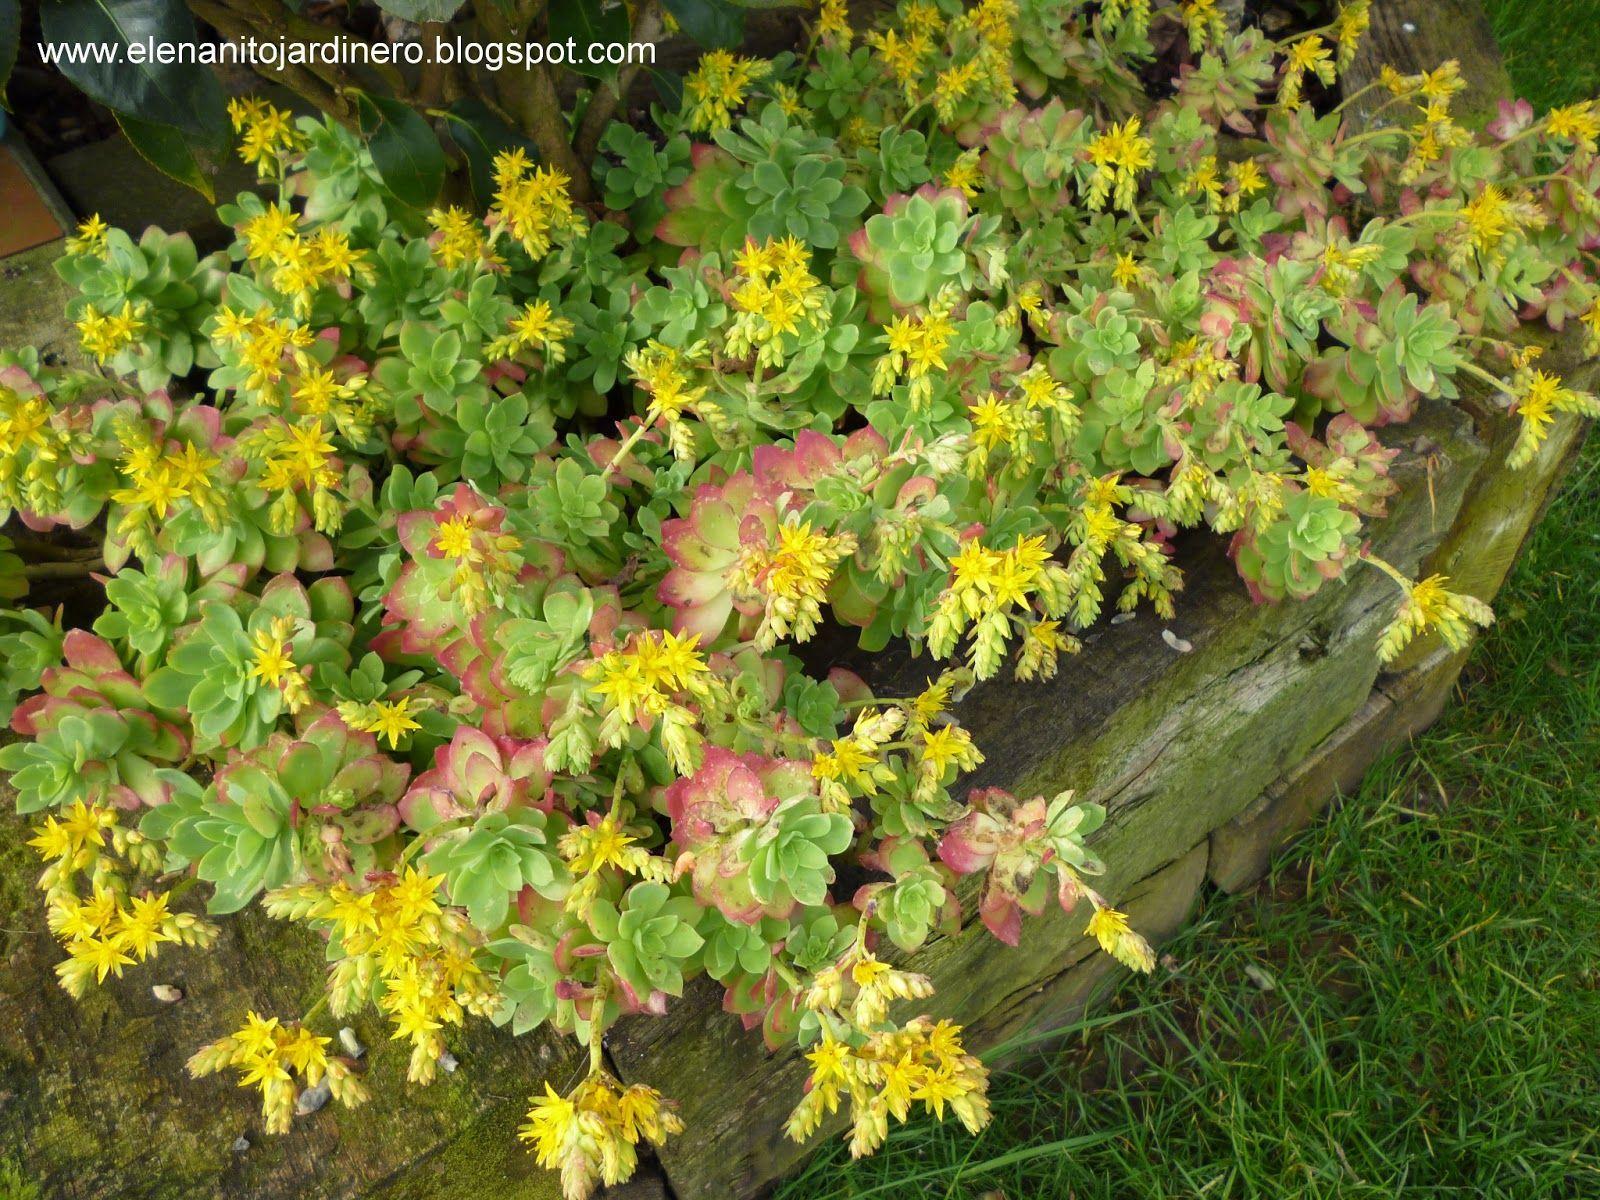 El enanito jardinero: Sedum palmeri en flor